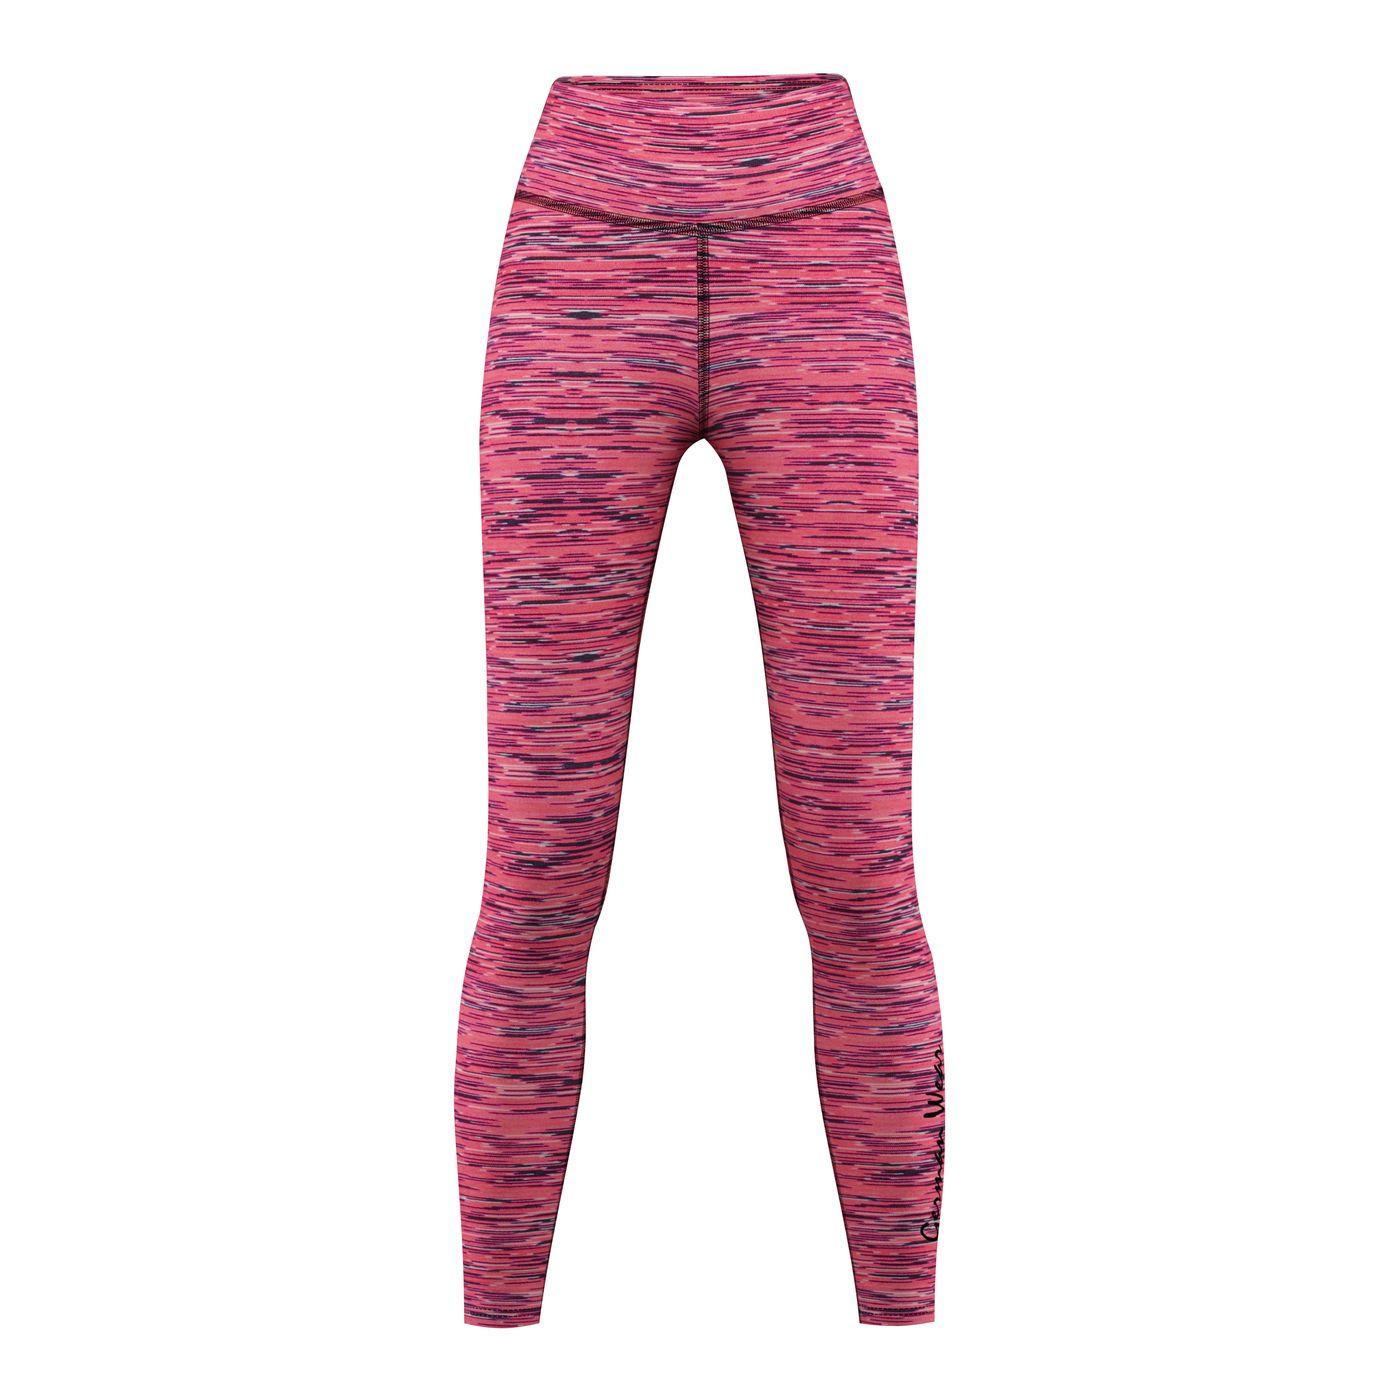 006027fbce Leggins for Sports, Gym & Fashion stretch, pink/black melange | German Wear  Bavarian Motorrad Sport Dresses & Shoes